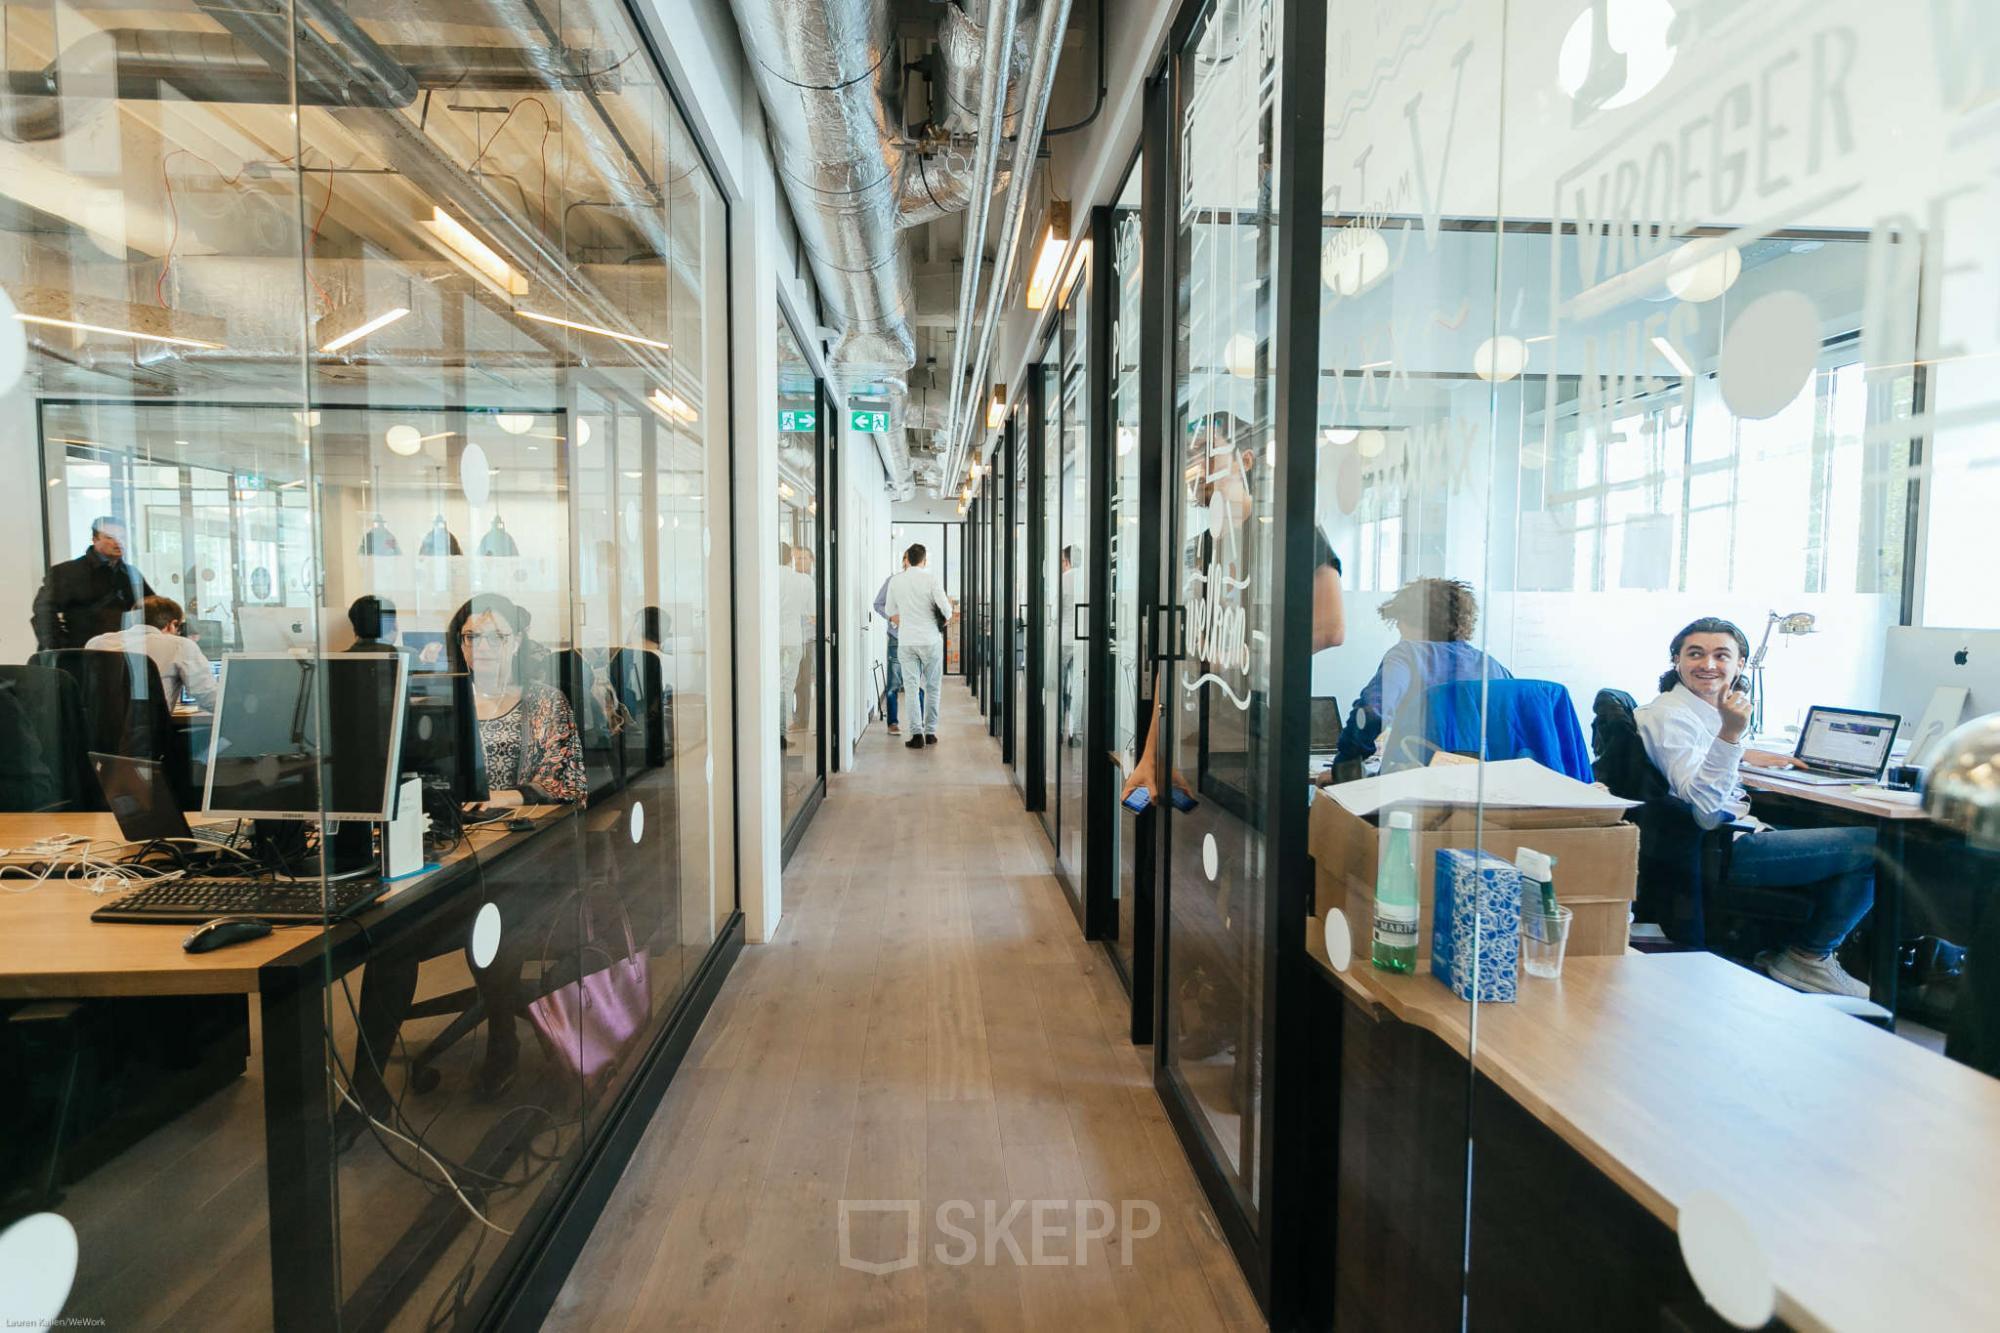 Kantoor Huren Amsterdam : Kantoorruimte huren aan weteringschans in amsterdam skepp